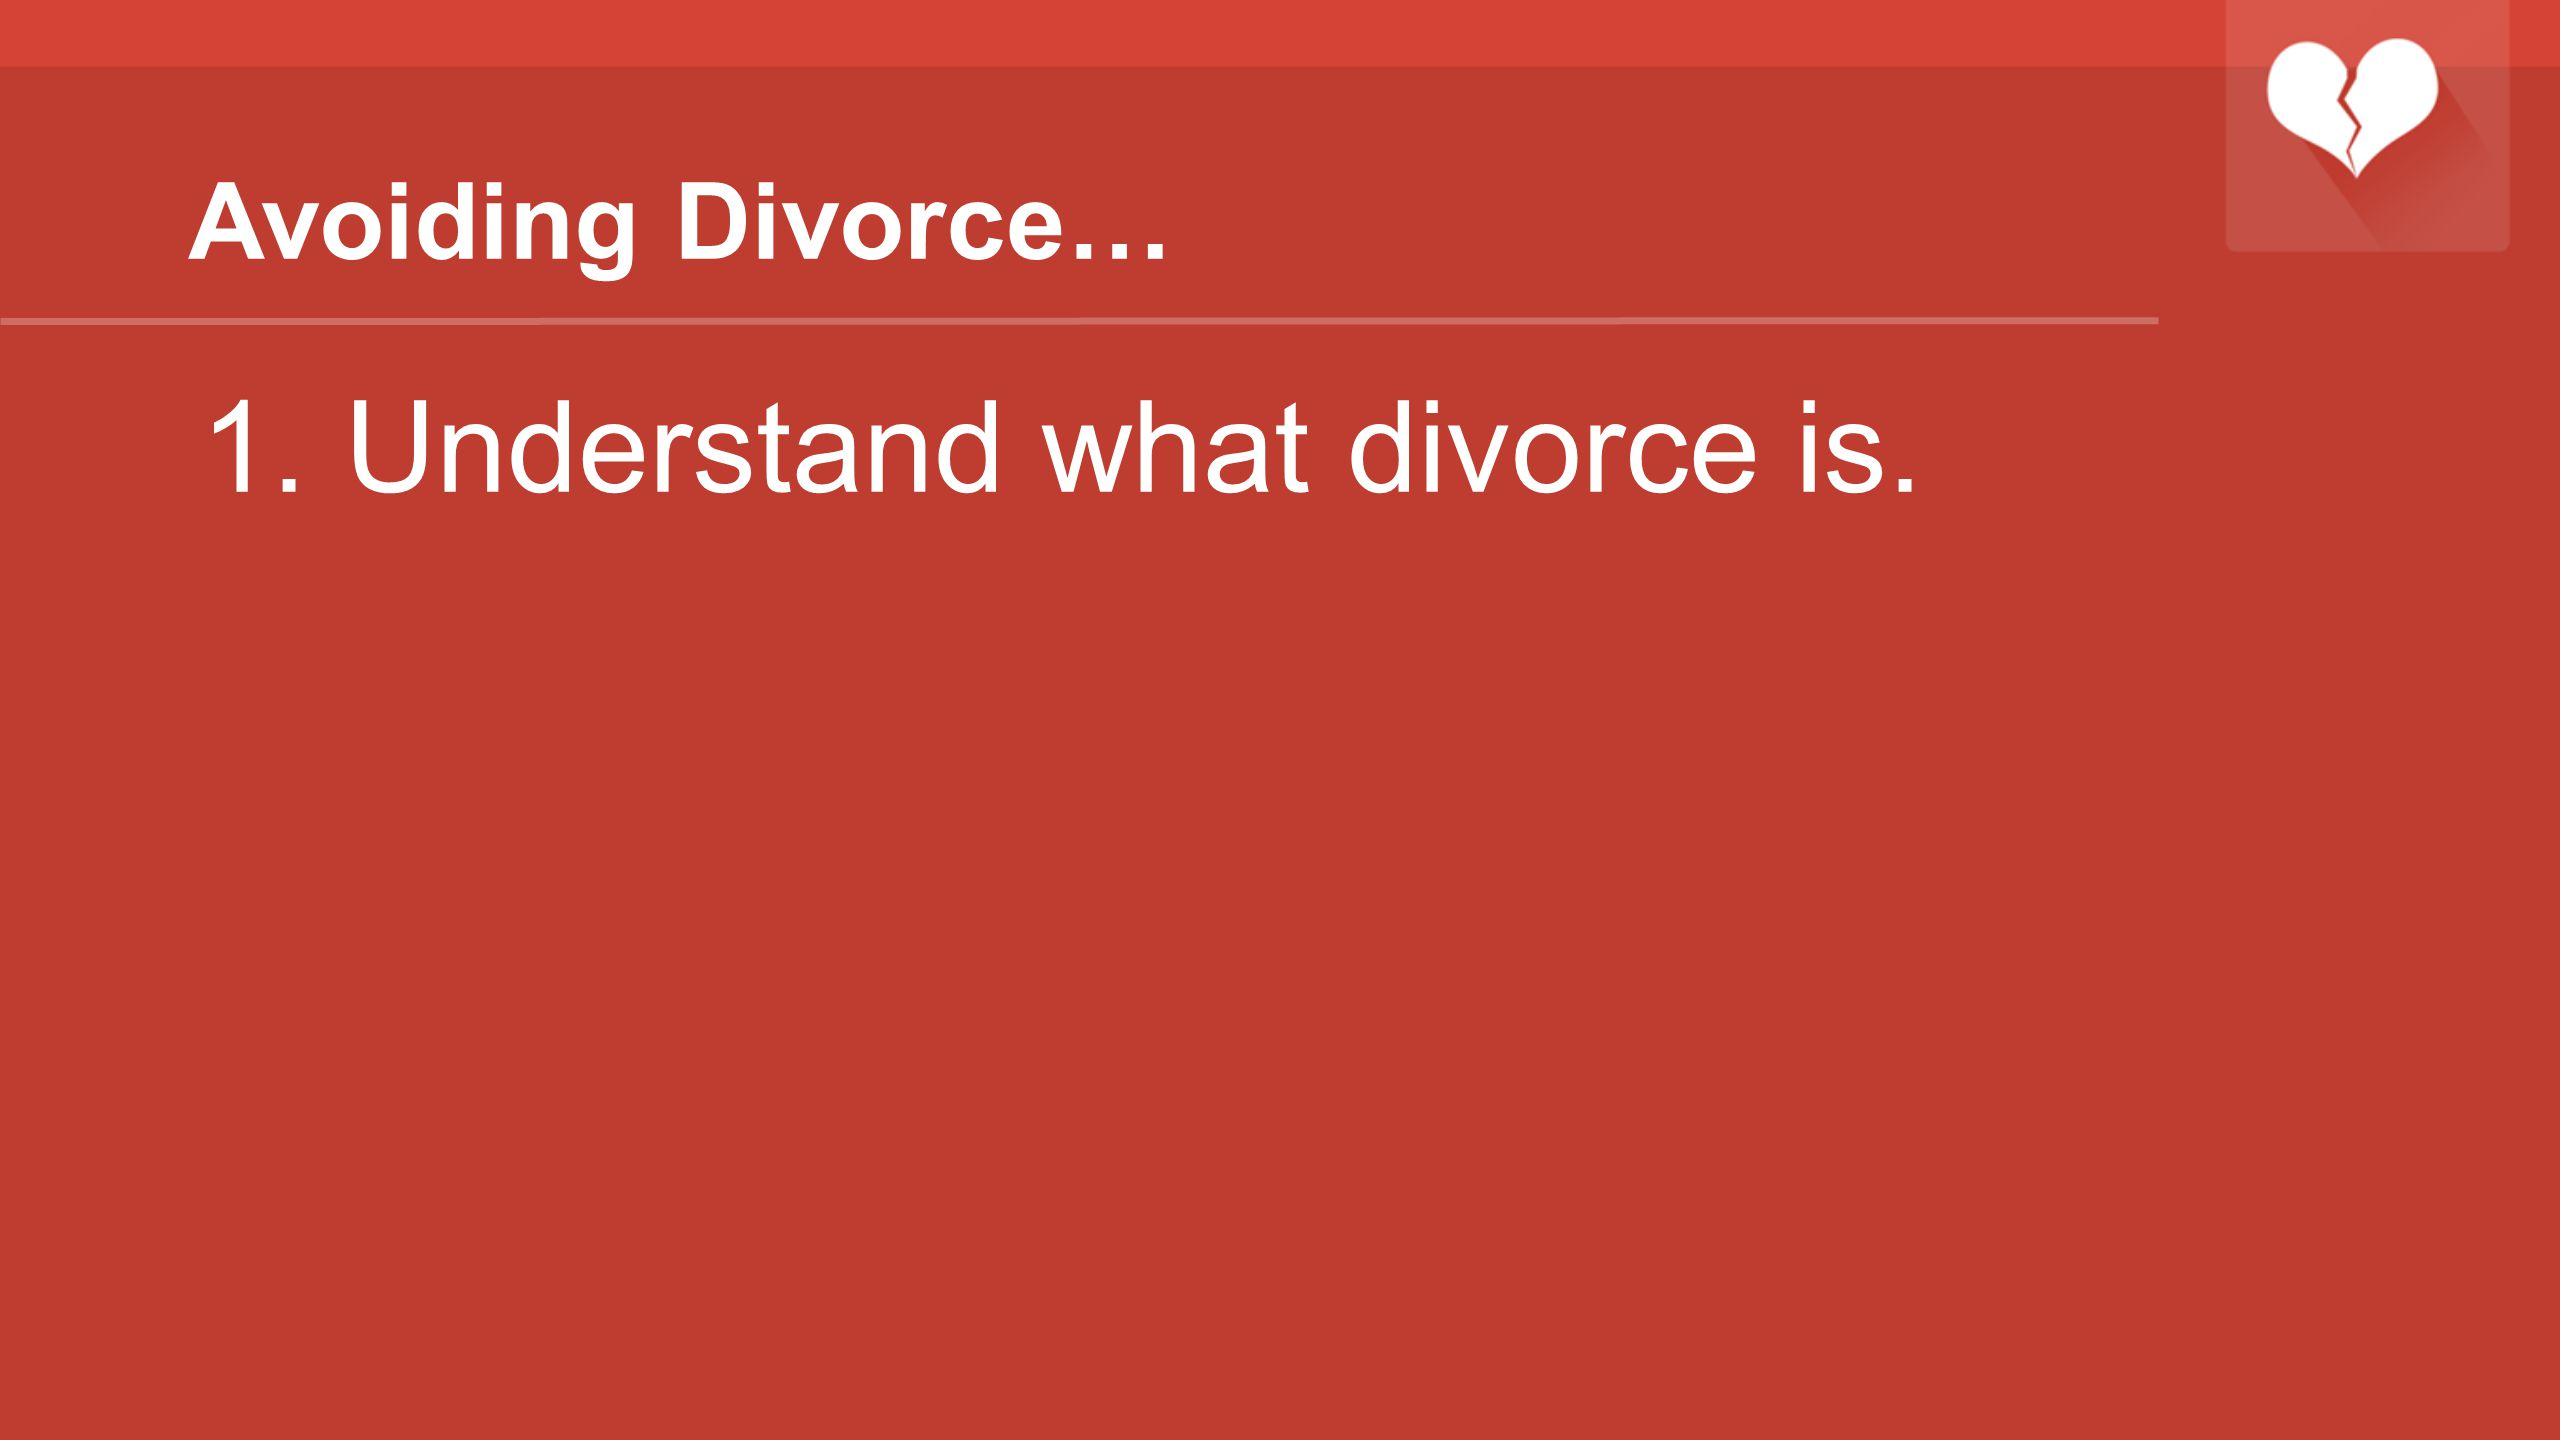 Understand what divorce is.